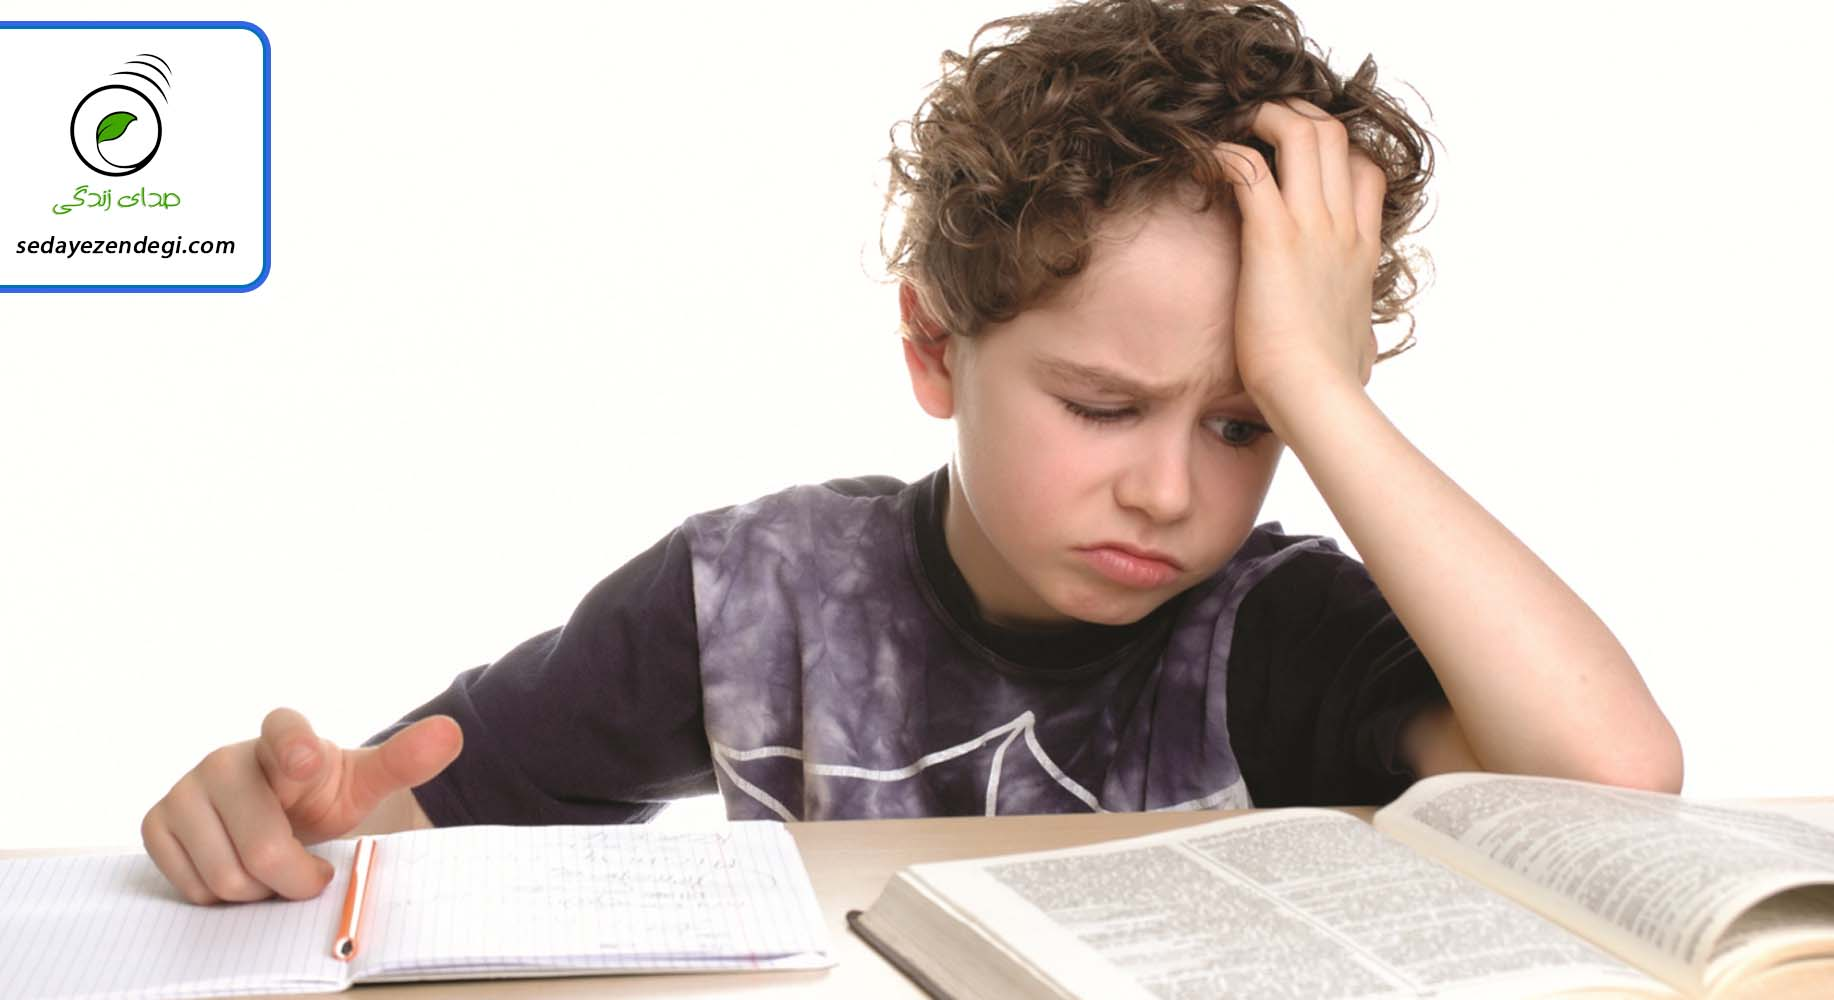 حواس پرتی بچه ها هنگام درس خواندن